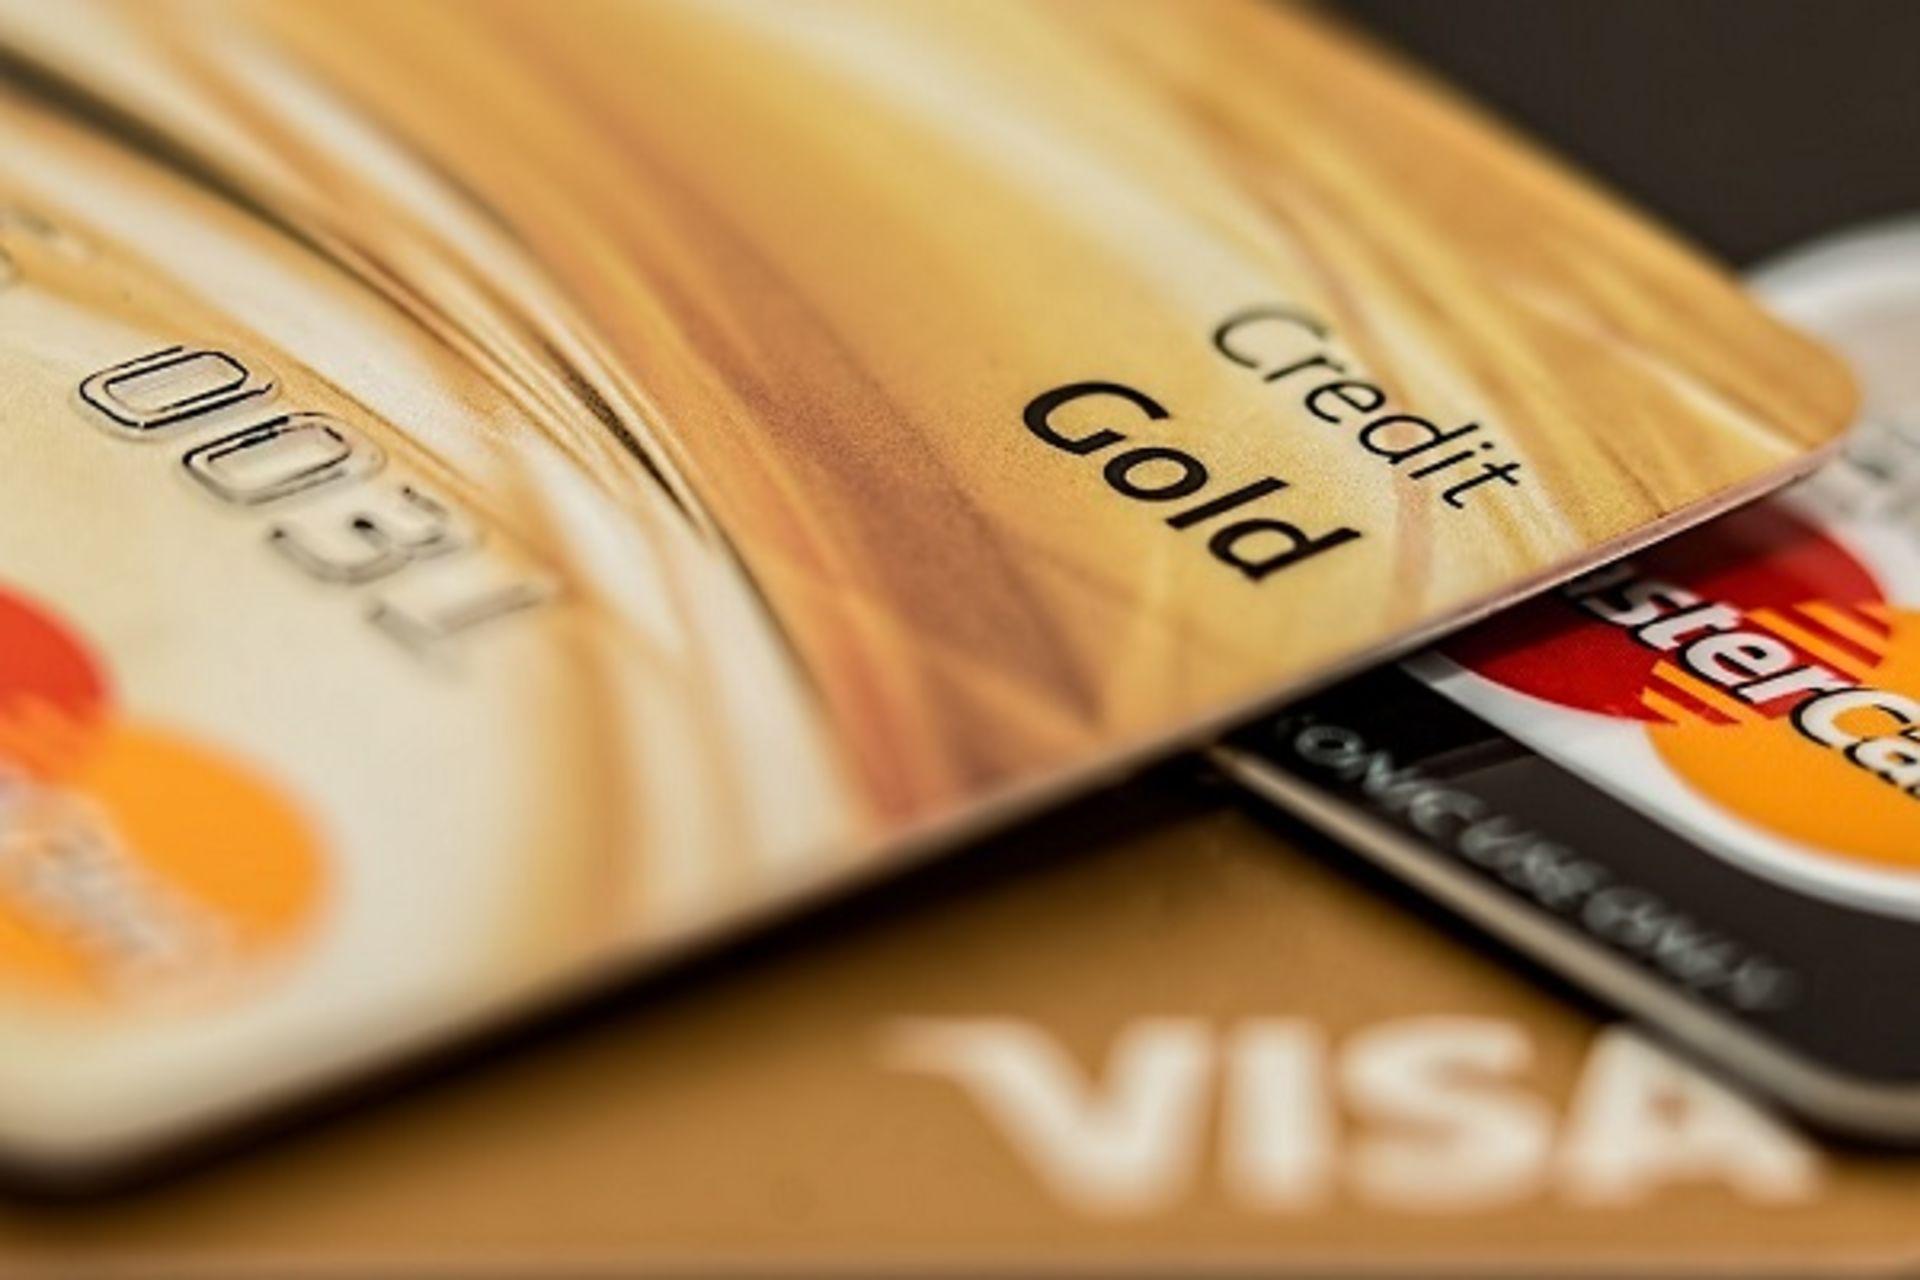 Reno Scam Alert: Delivery Man Credit Card Scam